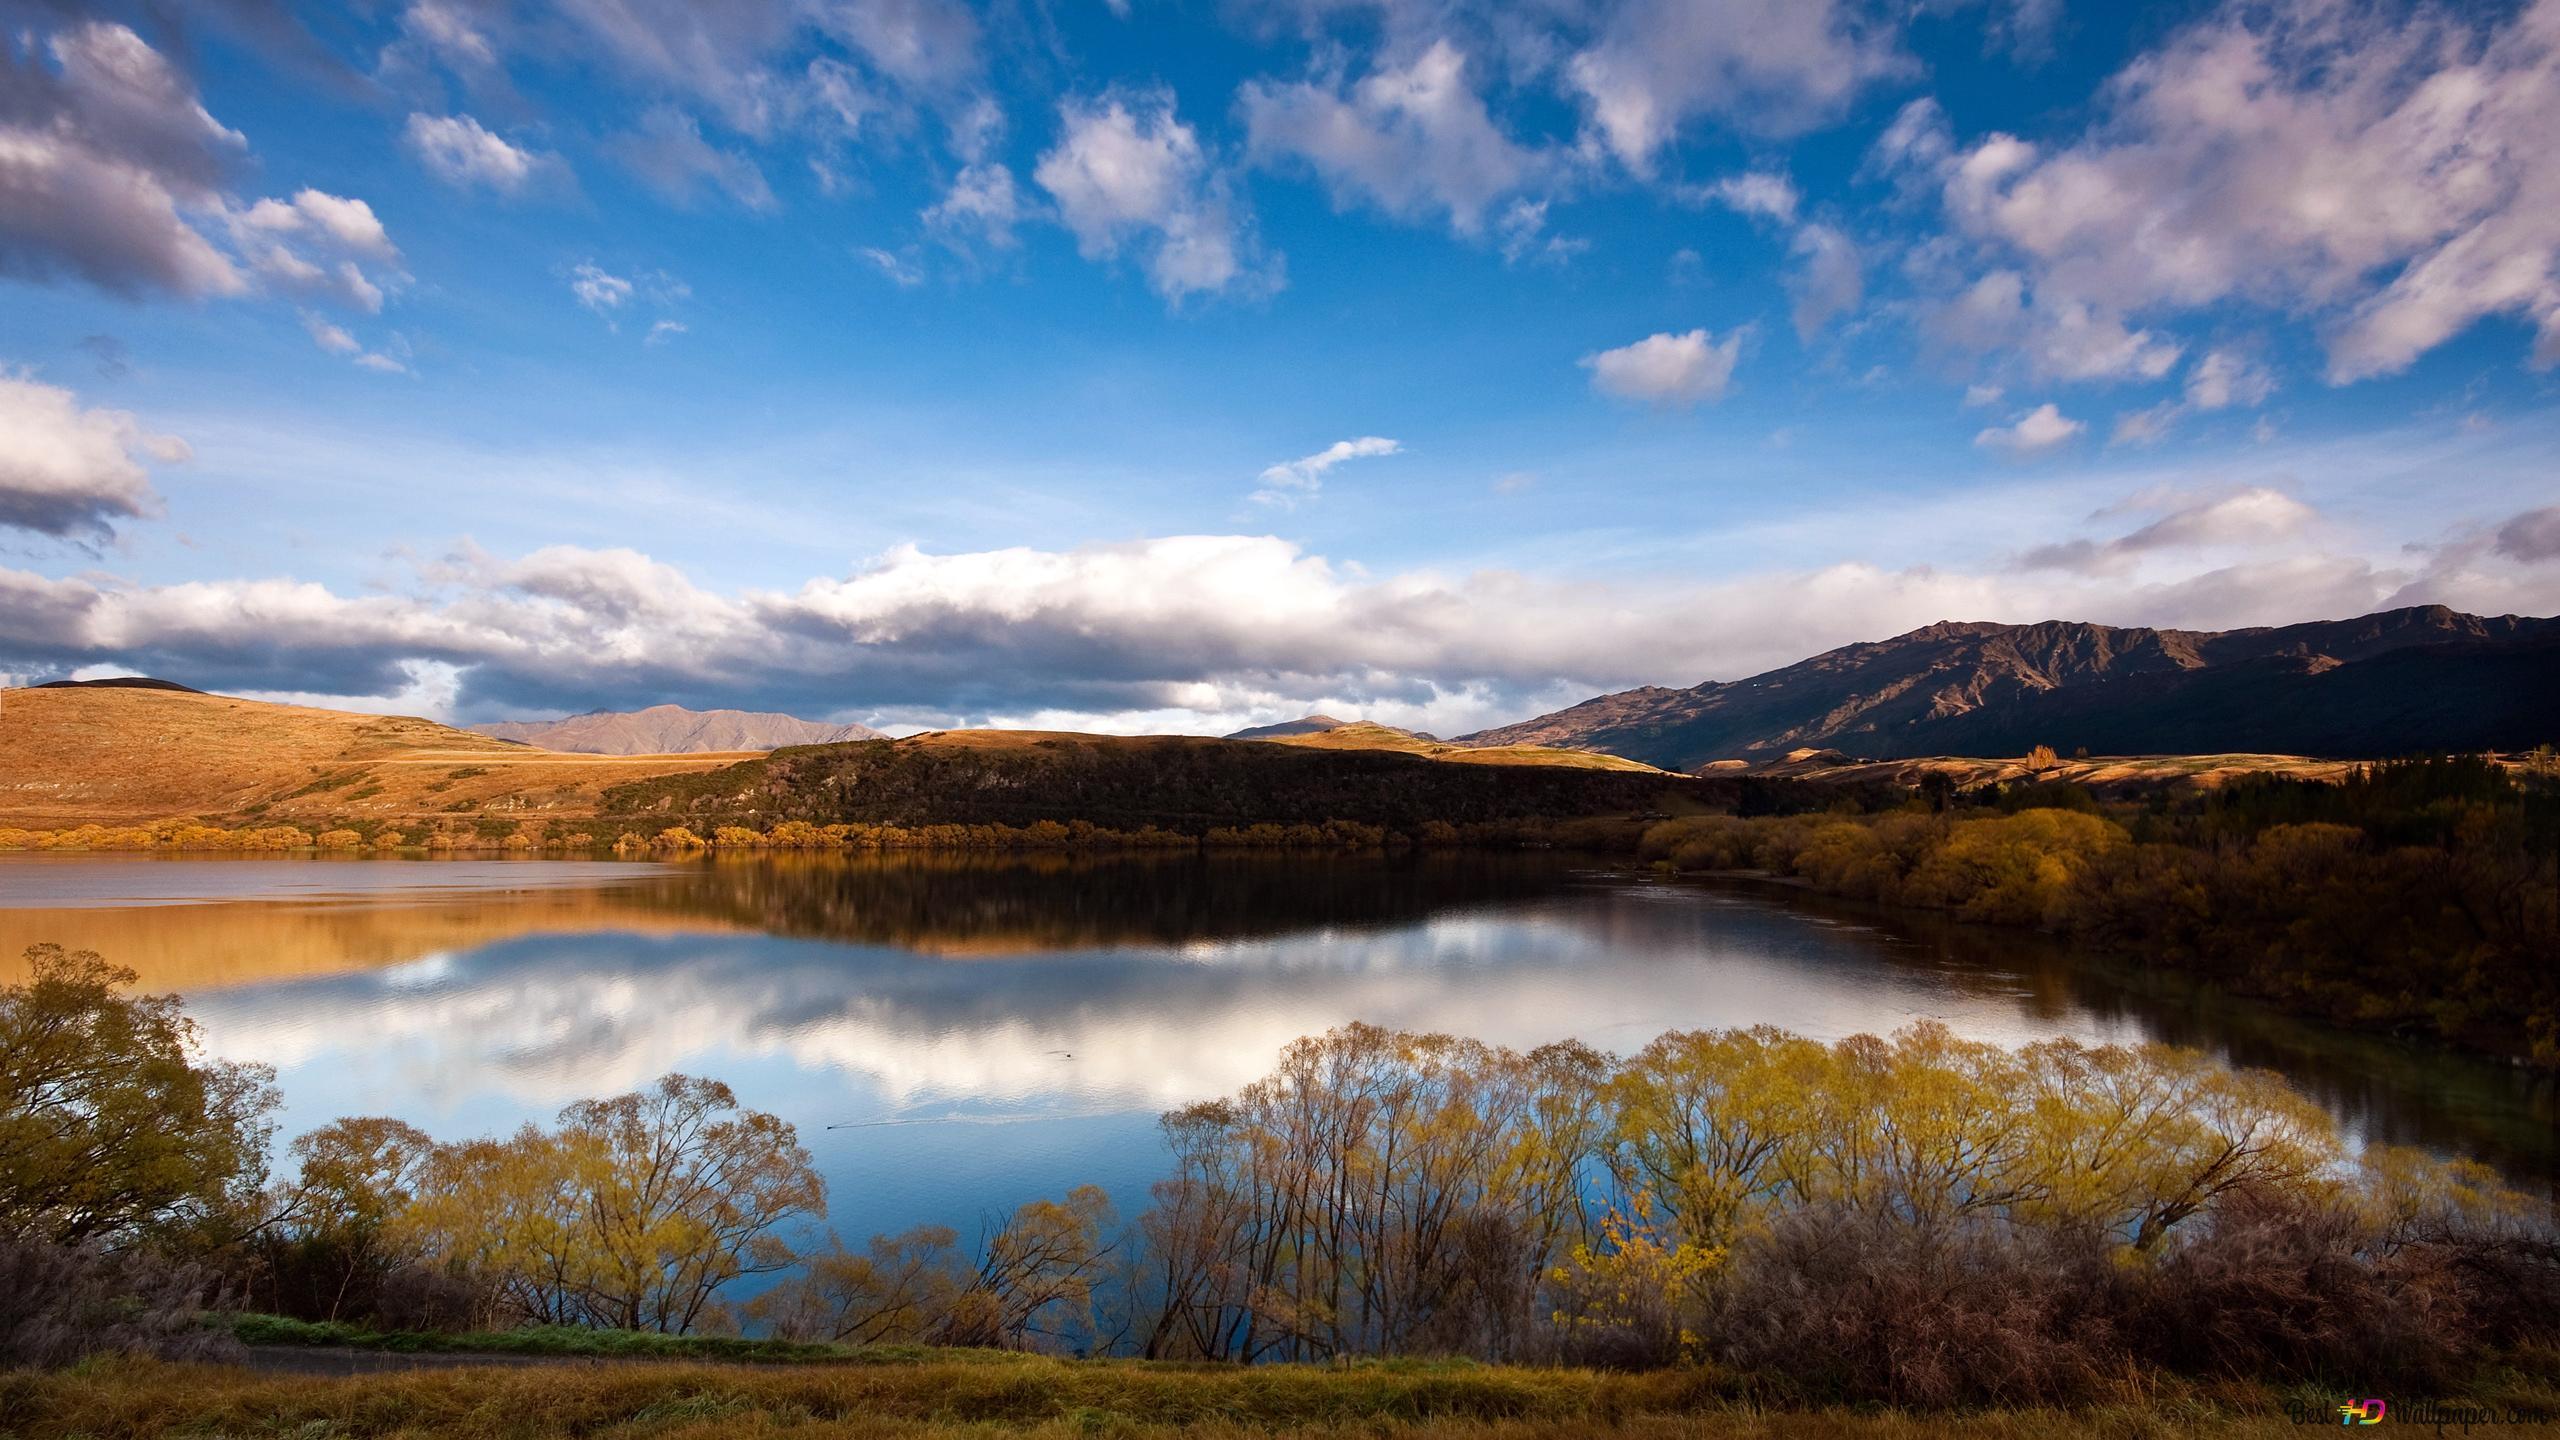 湖の美しい景色 Hd壁紙のダウンロード